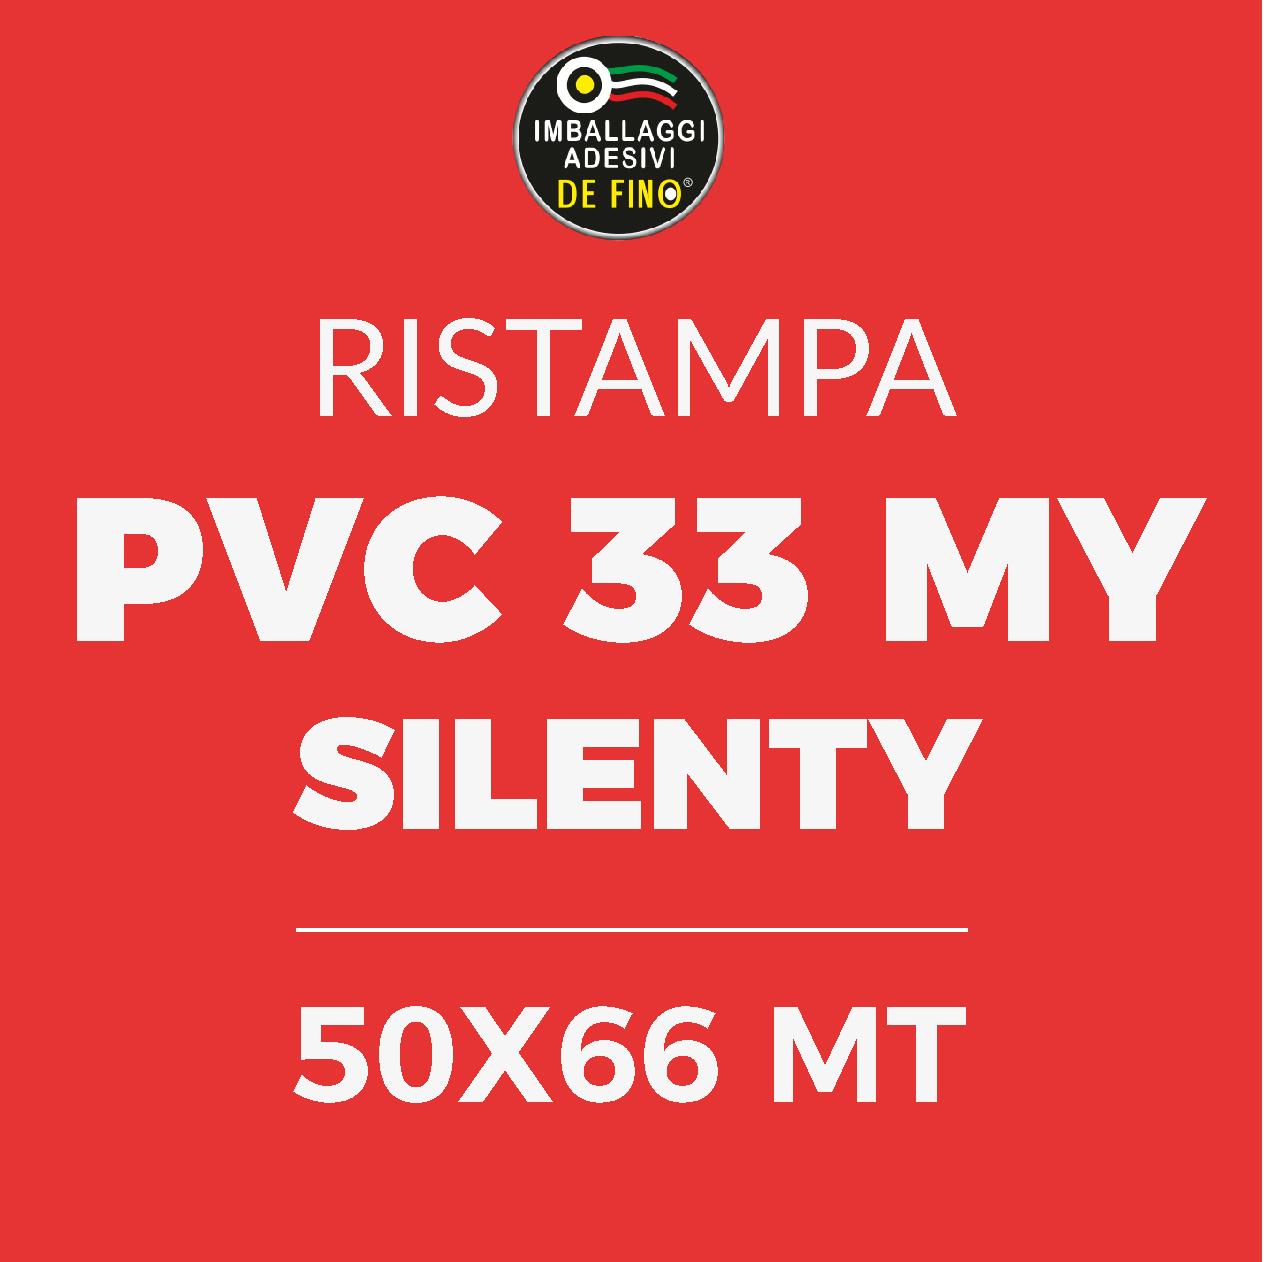 RISTAMPA PVC 75X66 MT - 02